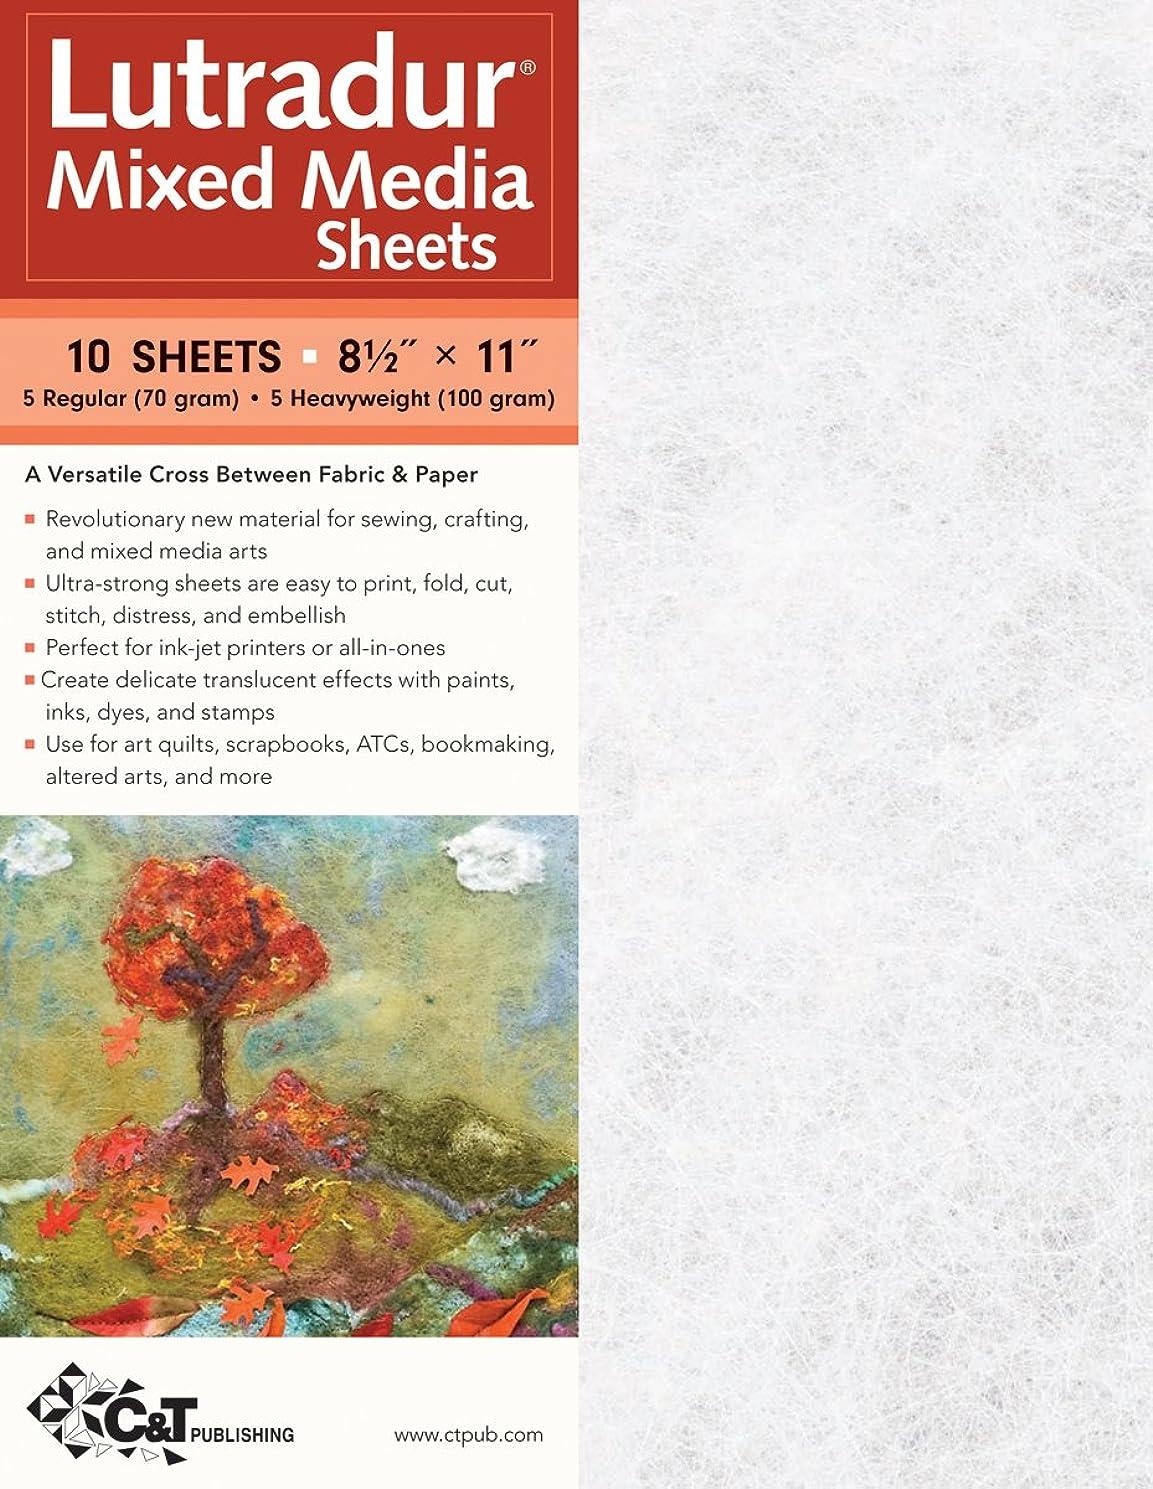 C&T PUBLISHING Lutradur Mixed Media Sheets, 8.5